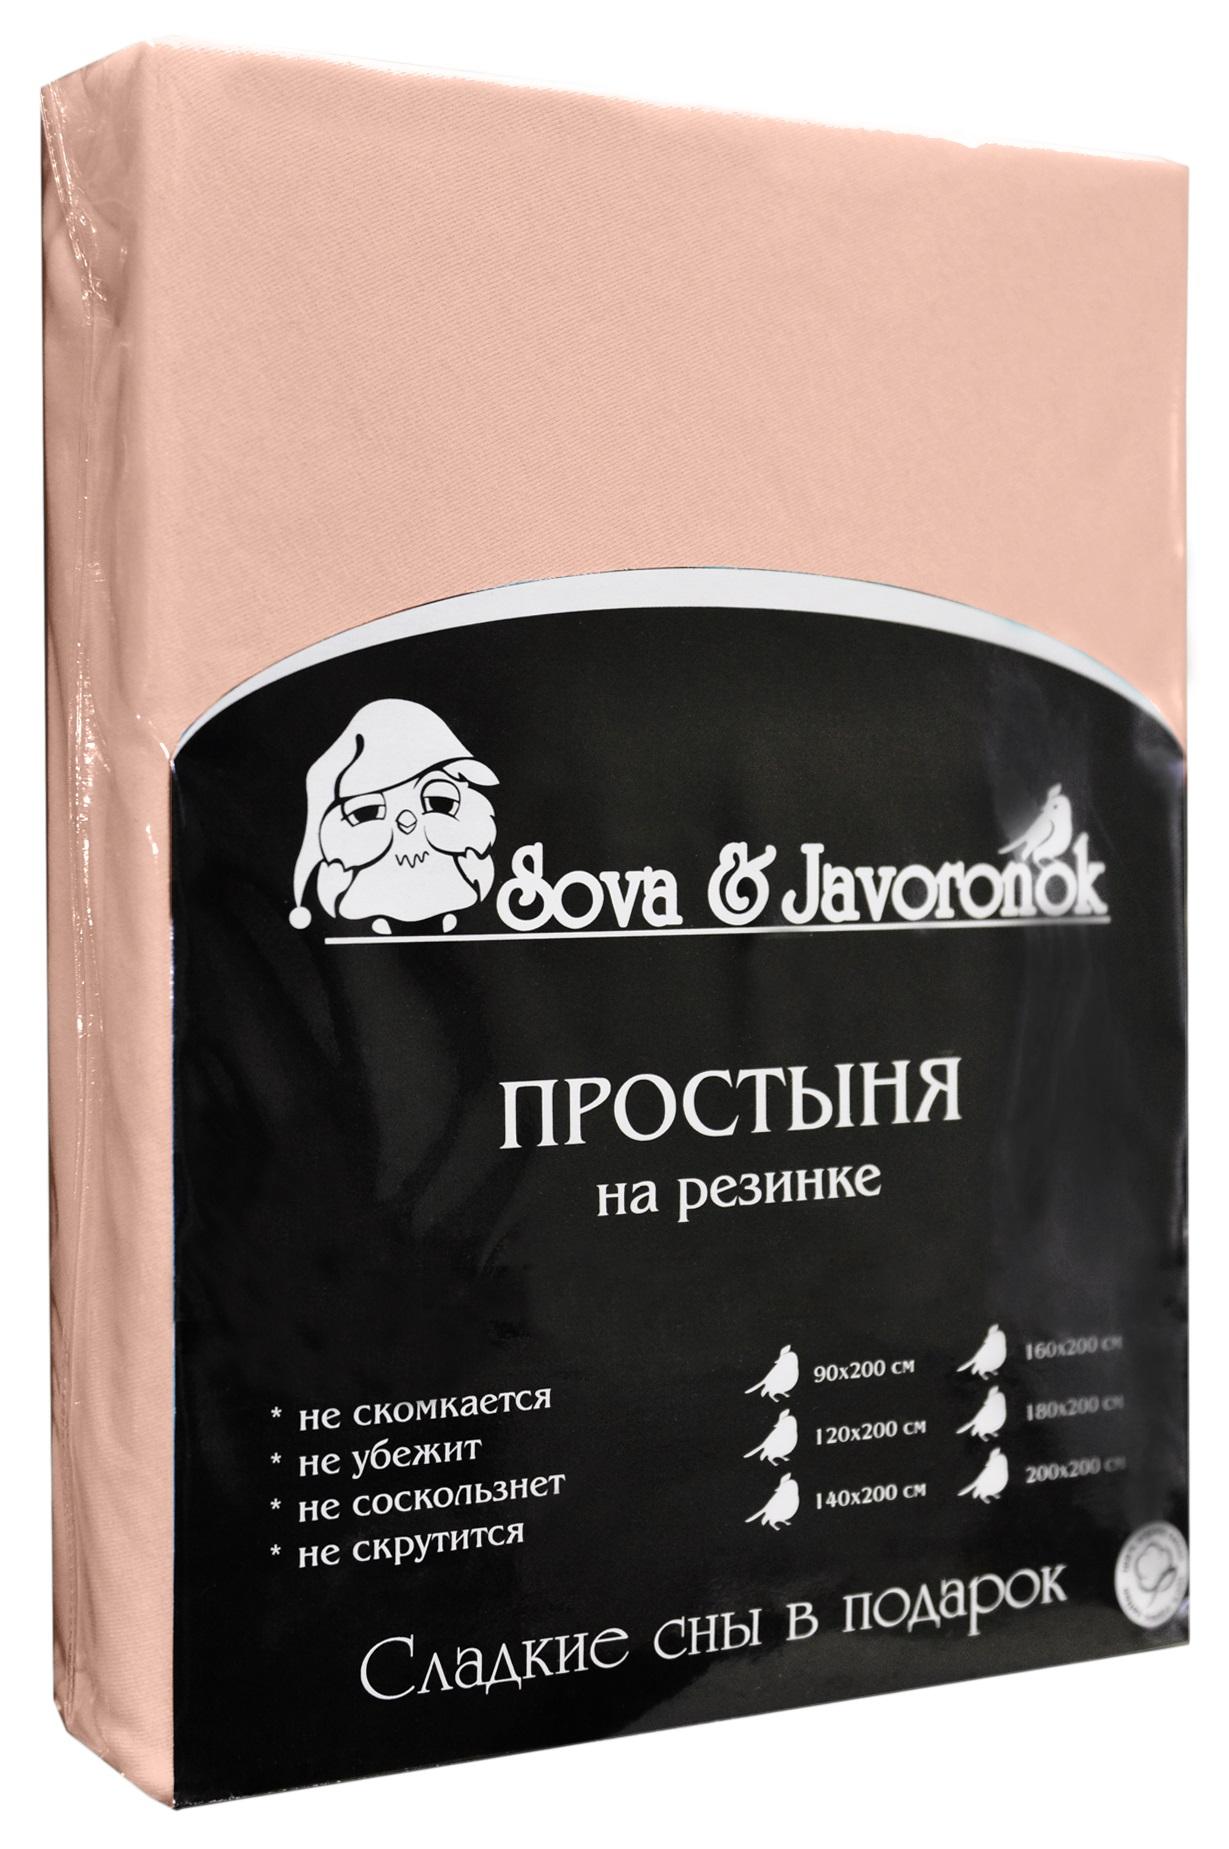 Простыня на резинке Sova & Javoronok, цвет: персиковый, 180 см х 200 смS03301004Простыня на резинке Sova & Javoronok, изготовленная из трикотажной ткани (100% хлопок), будет превосходно смотреться с любыми комплектами белья. Хлопчатобумажный трикотаж по праву считается одним из самых качественных, прочных и при этом приятных на ощупь. Его гигиеничность позволяет использовать простыню и в детских комнатах, к тому же 100%-ый хлопок в составе ткани не вызовет аллергии. У трикотажного полотна очень интересная структура, немного рыхлая за счет отсутствия плотного переплетения нитей и наличия особых петель, благодаря этому простыня Сова и Жаворонок отлично пропускает воздух и способствует его постоянной циркуляции. Поэтому ваша постель будет всегда оставаться свежей. Но главное и, пожалуй, самое известное свойство трикотажа - это его великолепная растяжимость, поэтому эта ткань и была выбрана для натяжной простыни на резинке.Простыня прошита резинкой по всему периметру, что обеспечивает более комфортный отдых, так как она прочно удерживается на матрасе и избавляет от необходимости часто поправлять простыню.